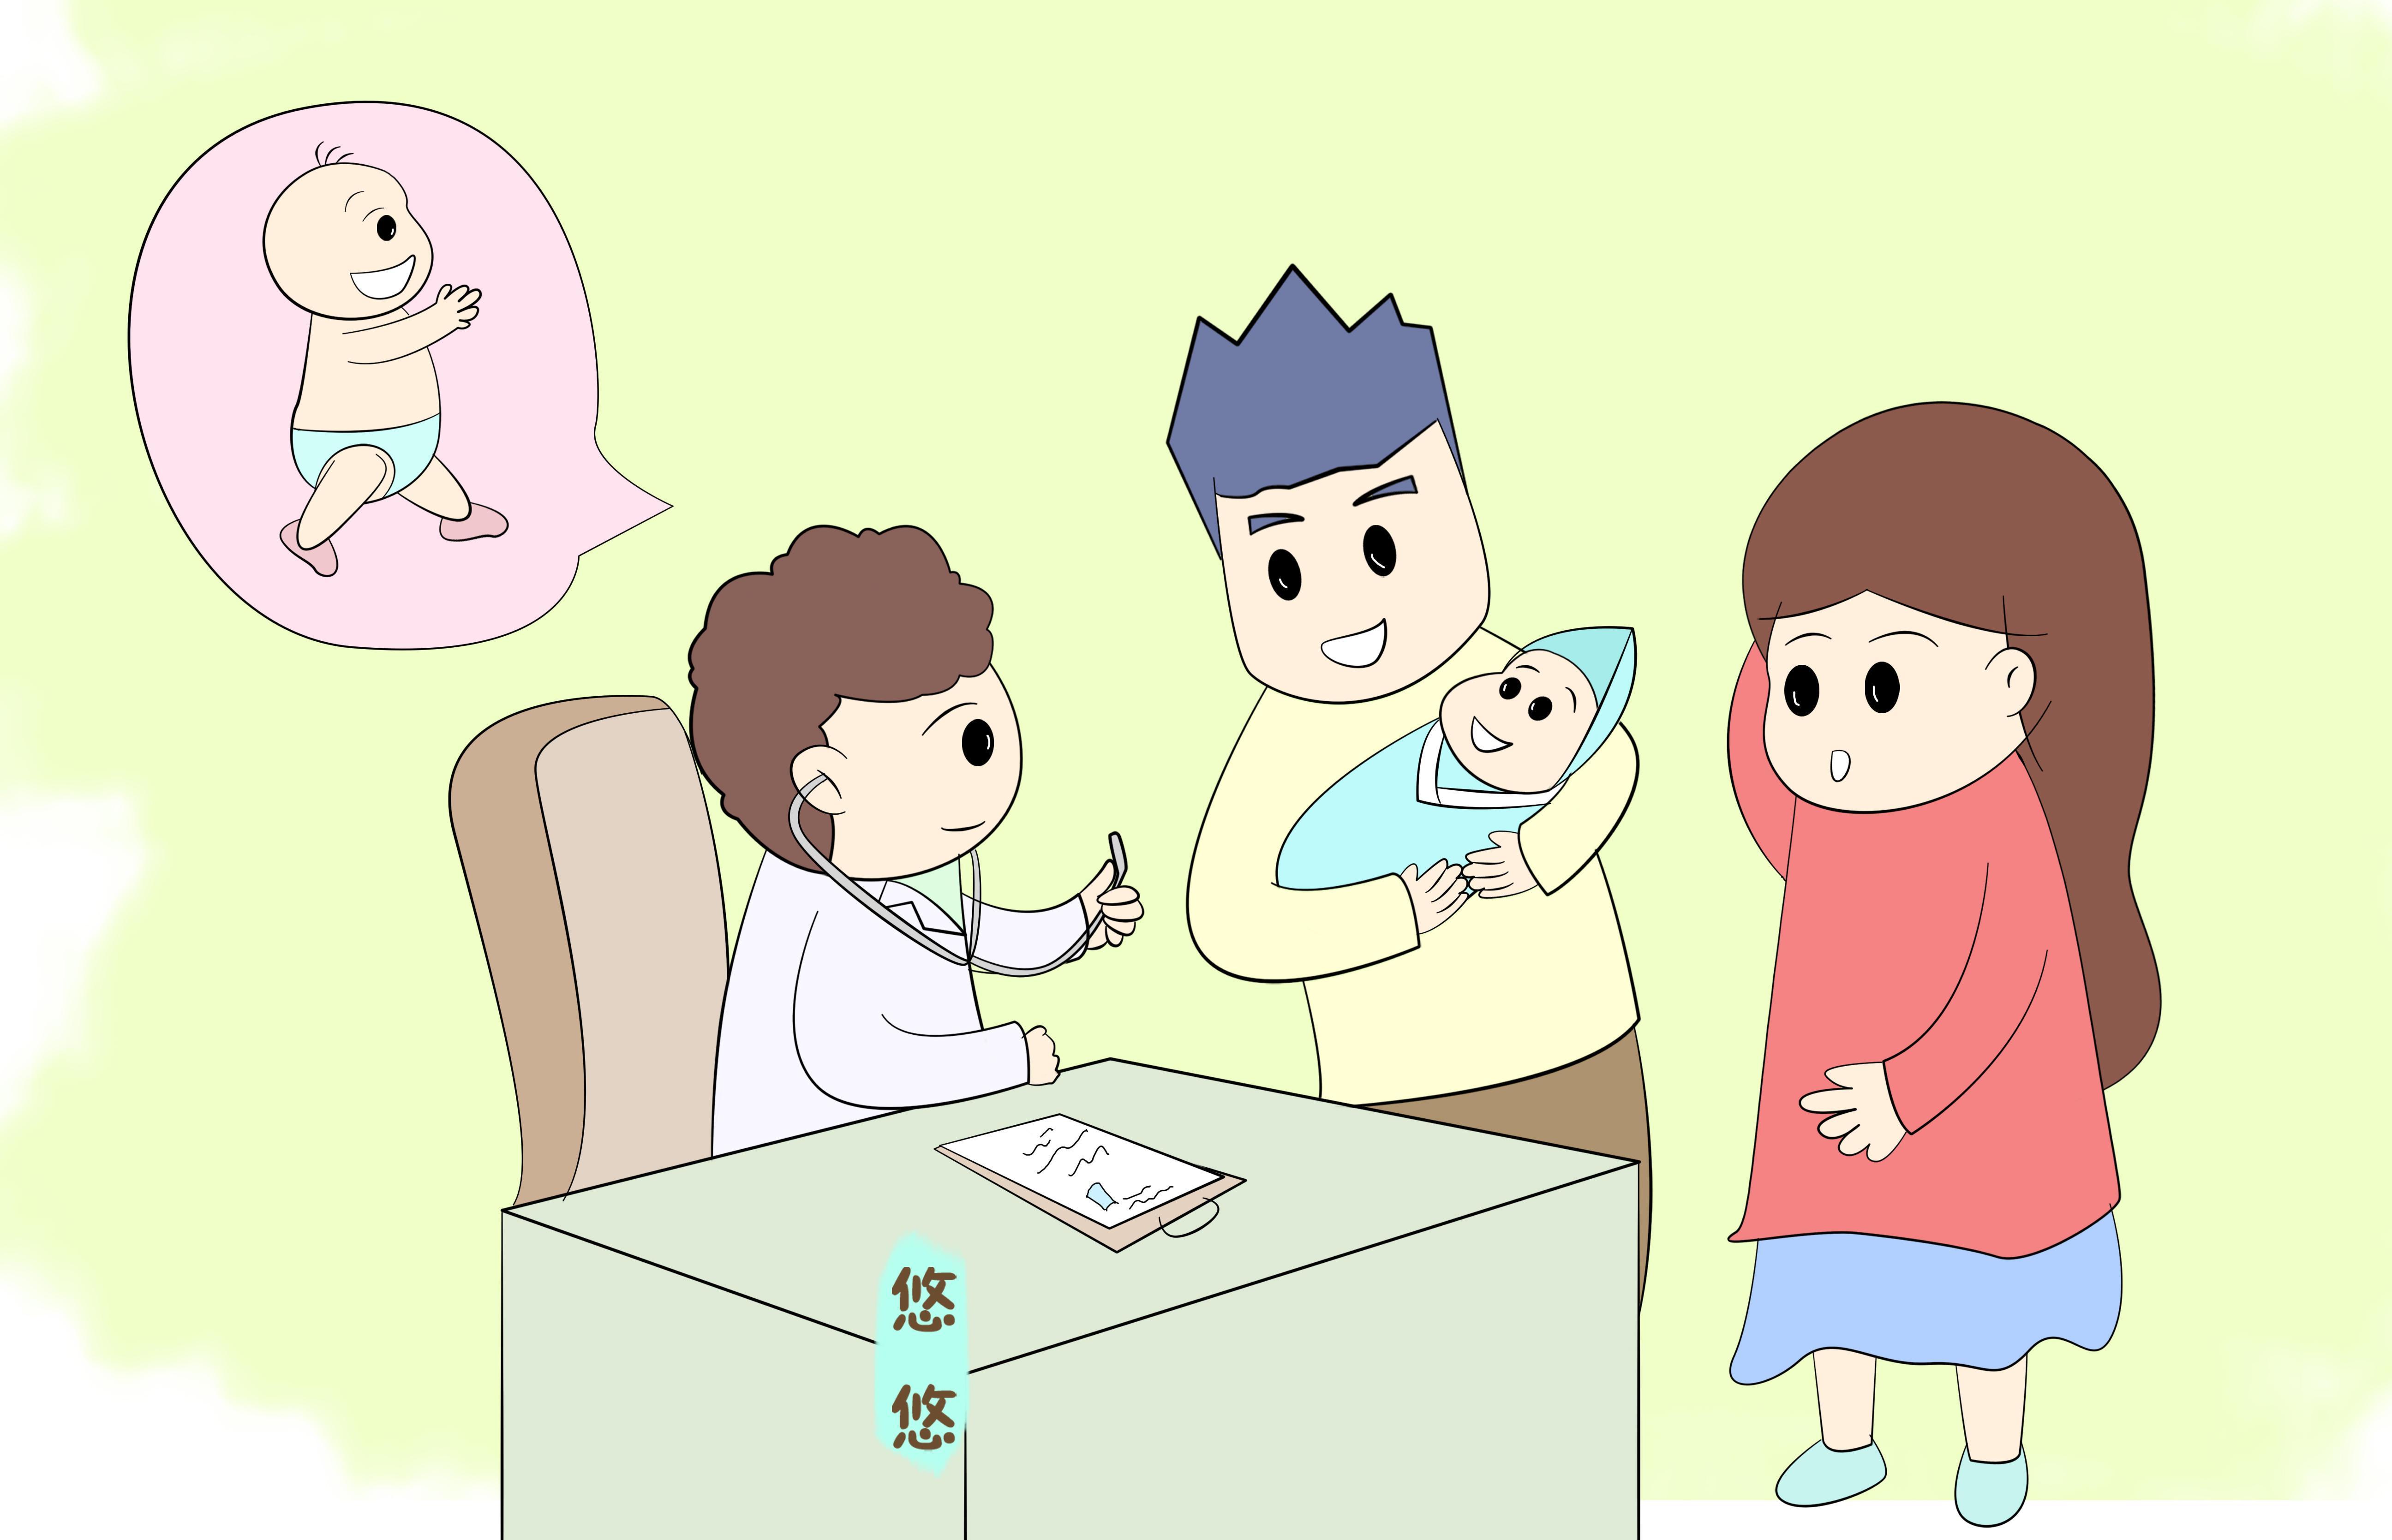 Bắt trẻ tập đi quá sớm sẽ dễ làm tổn thương xương và hình dáng chân